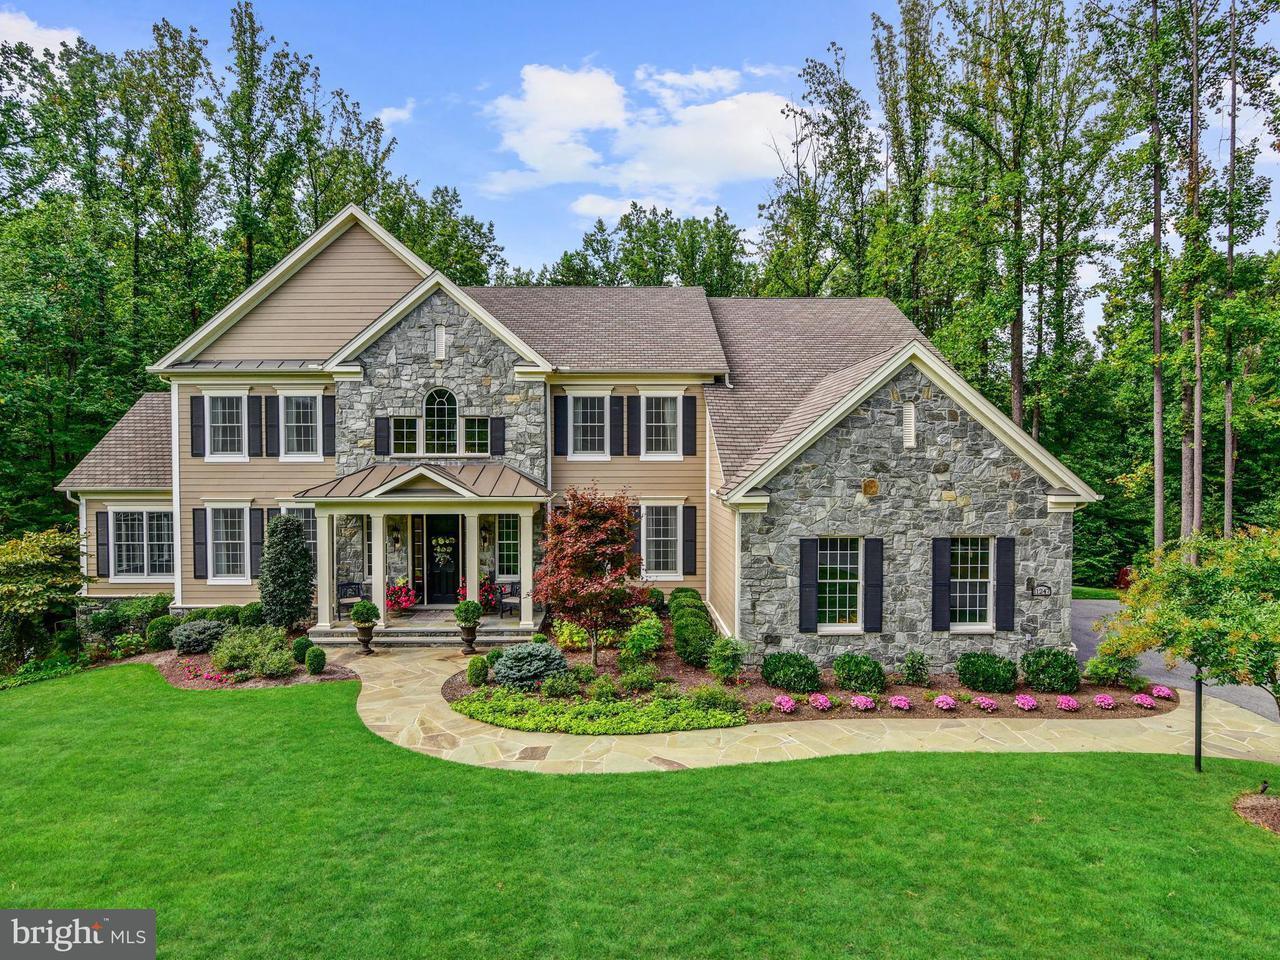 Casa Unifamiliar por un Venta en 11247 INDEPENDENCE WAY 11247 INDEPENDENCE WAY Ellicott City, Maryland 21042 Estados Unidos